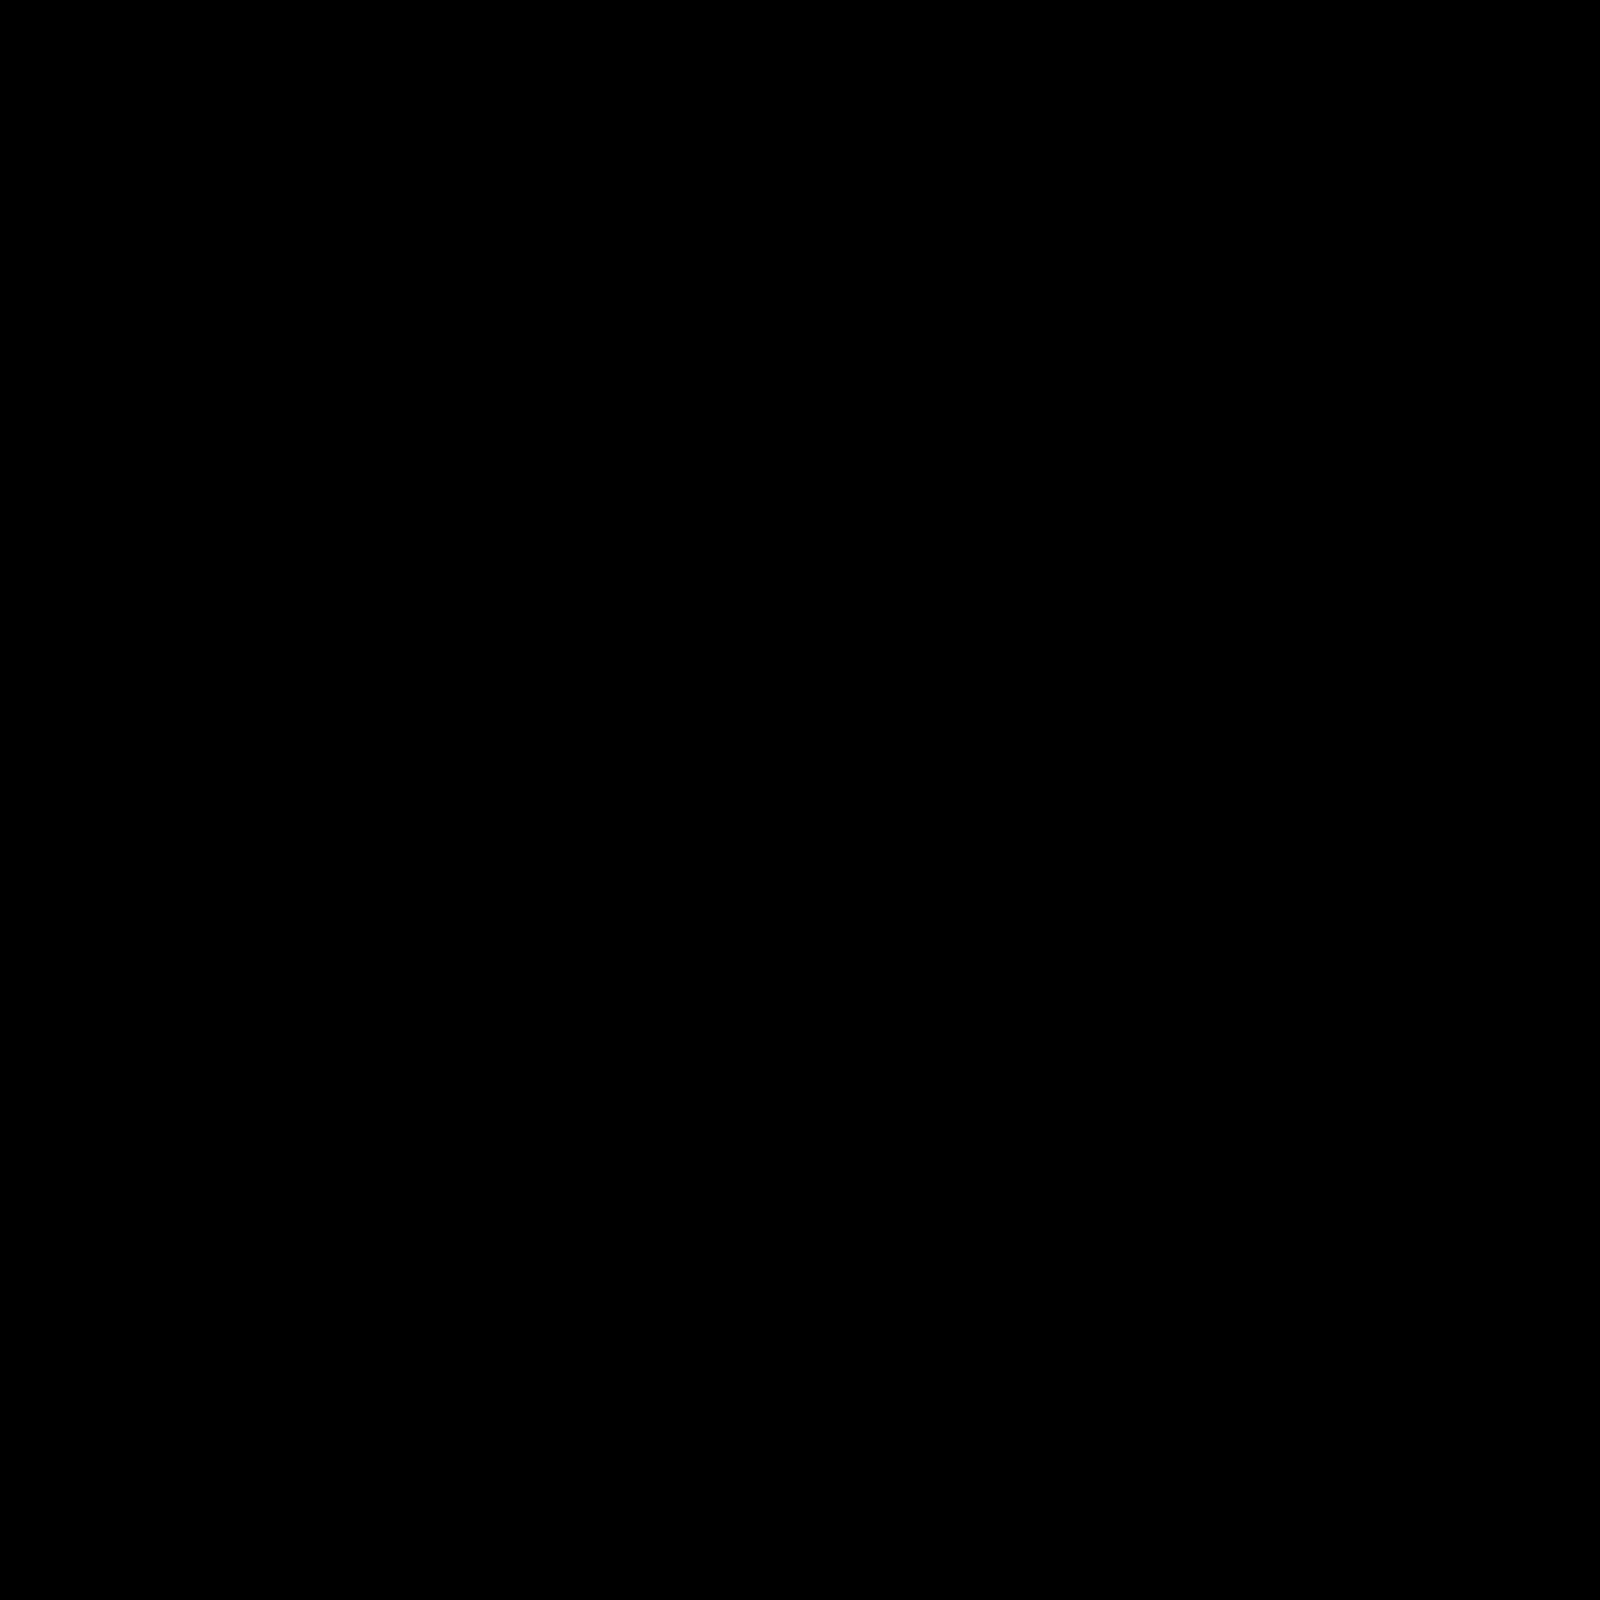 3D-Brille icon